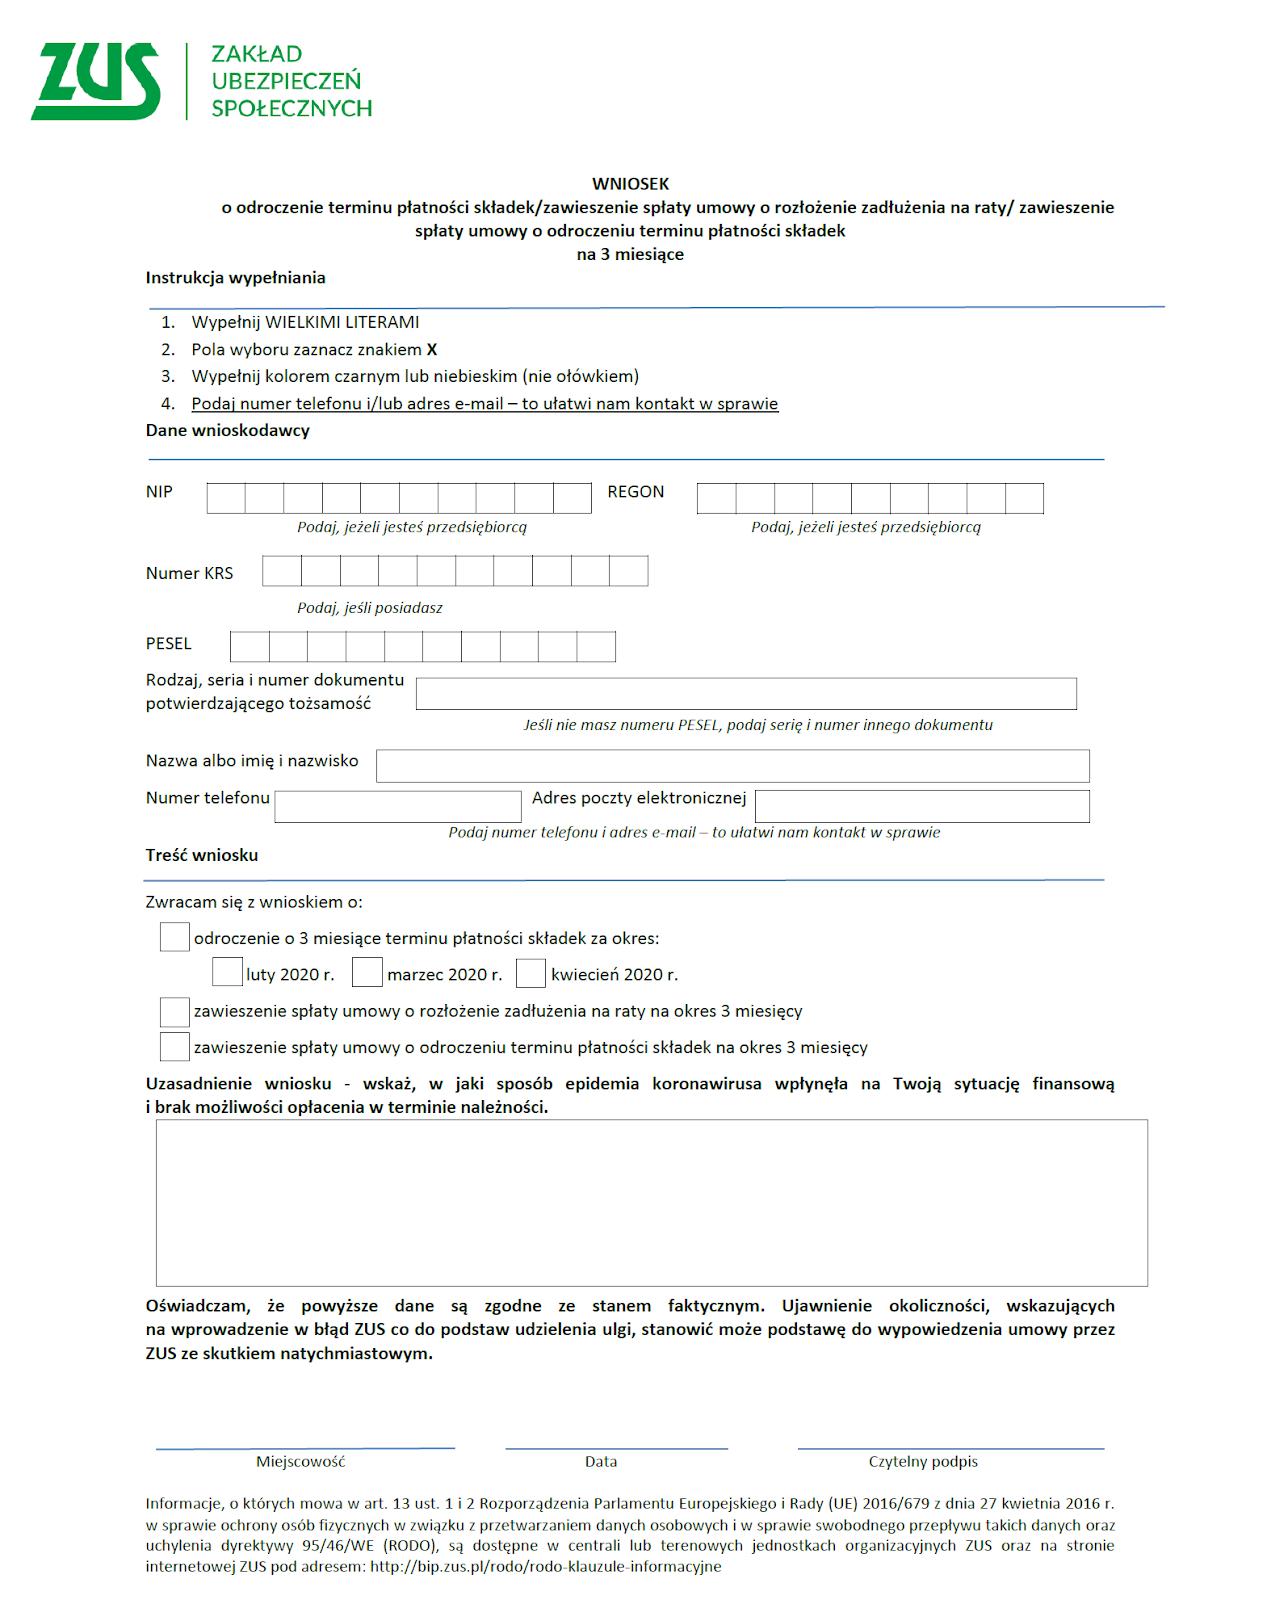 Zmiana wniosku do ZUS o odroczenie terminu płatności składek